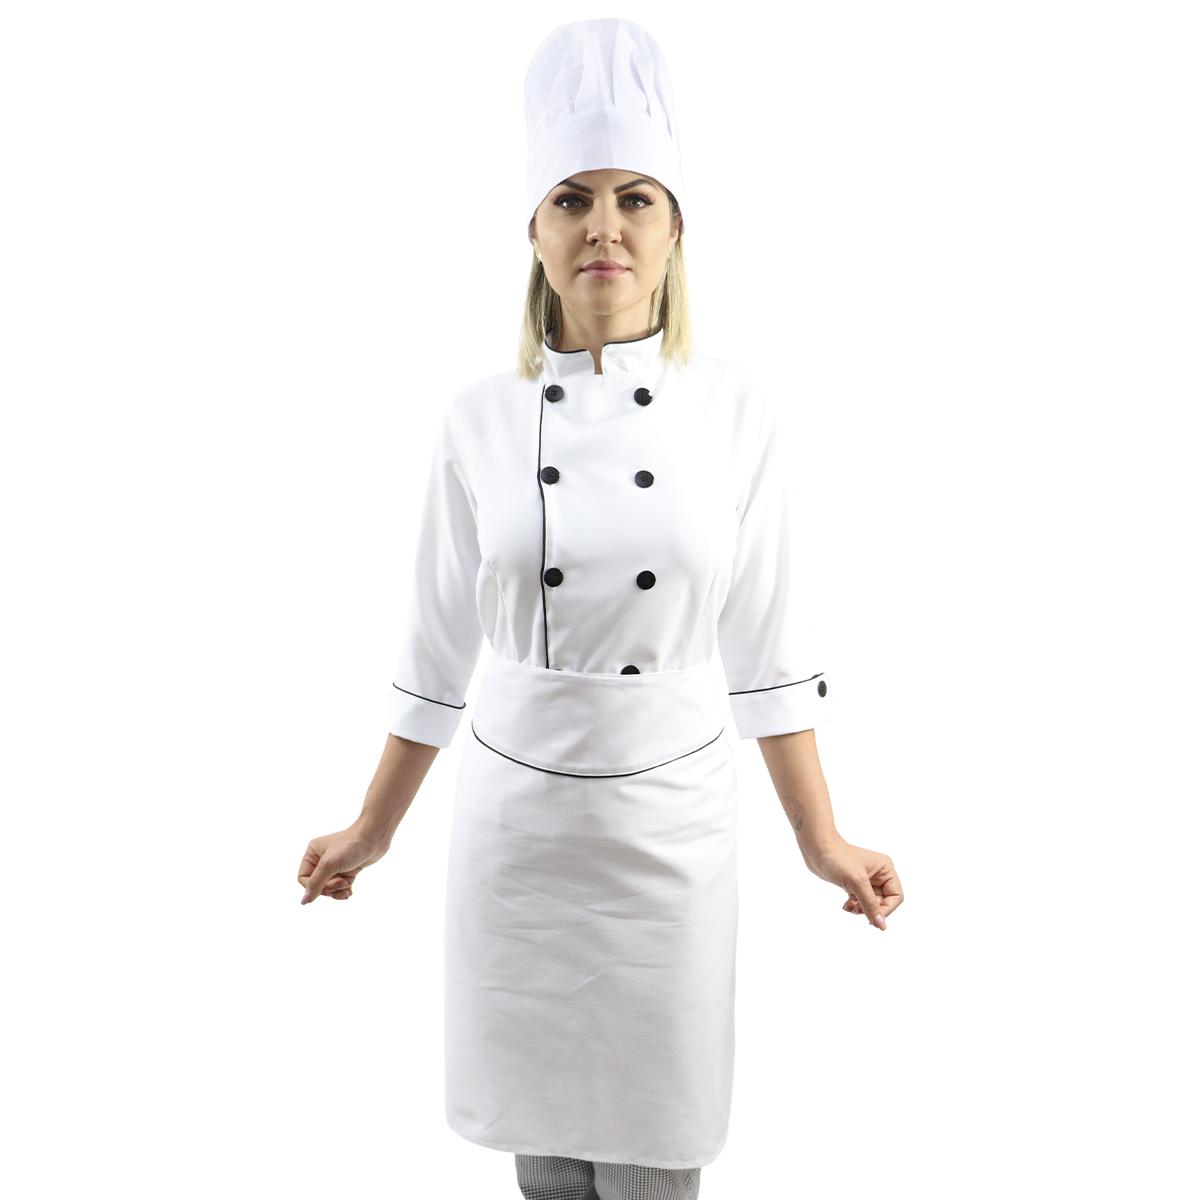 Kit Dolmã manga 3/4 + Chapéu Cozinheiro + Avental de cintura chef cozinha